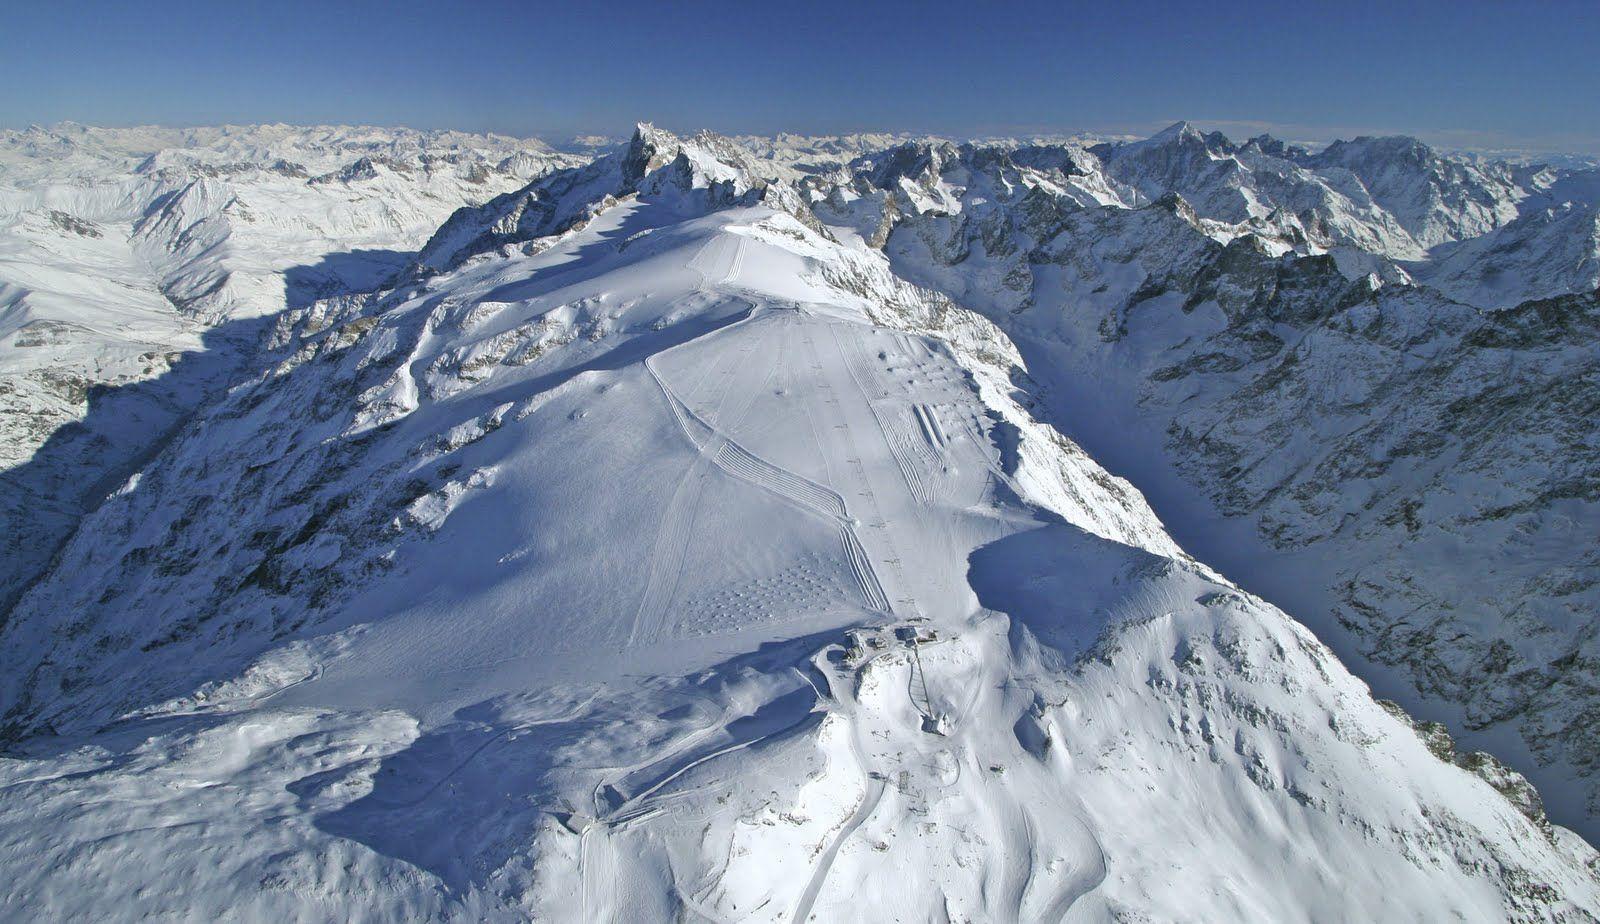 Les 2 alpes ski area skiing piste map and apr s ski - Office du tourisme deux alpes ...